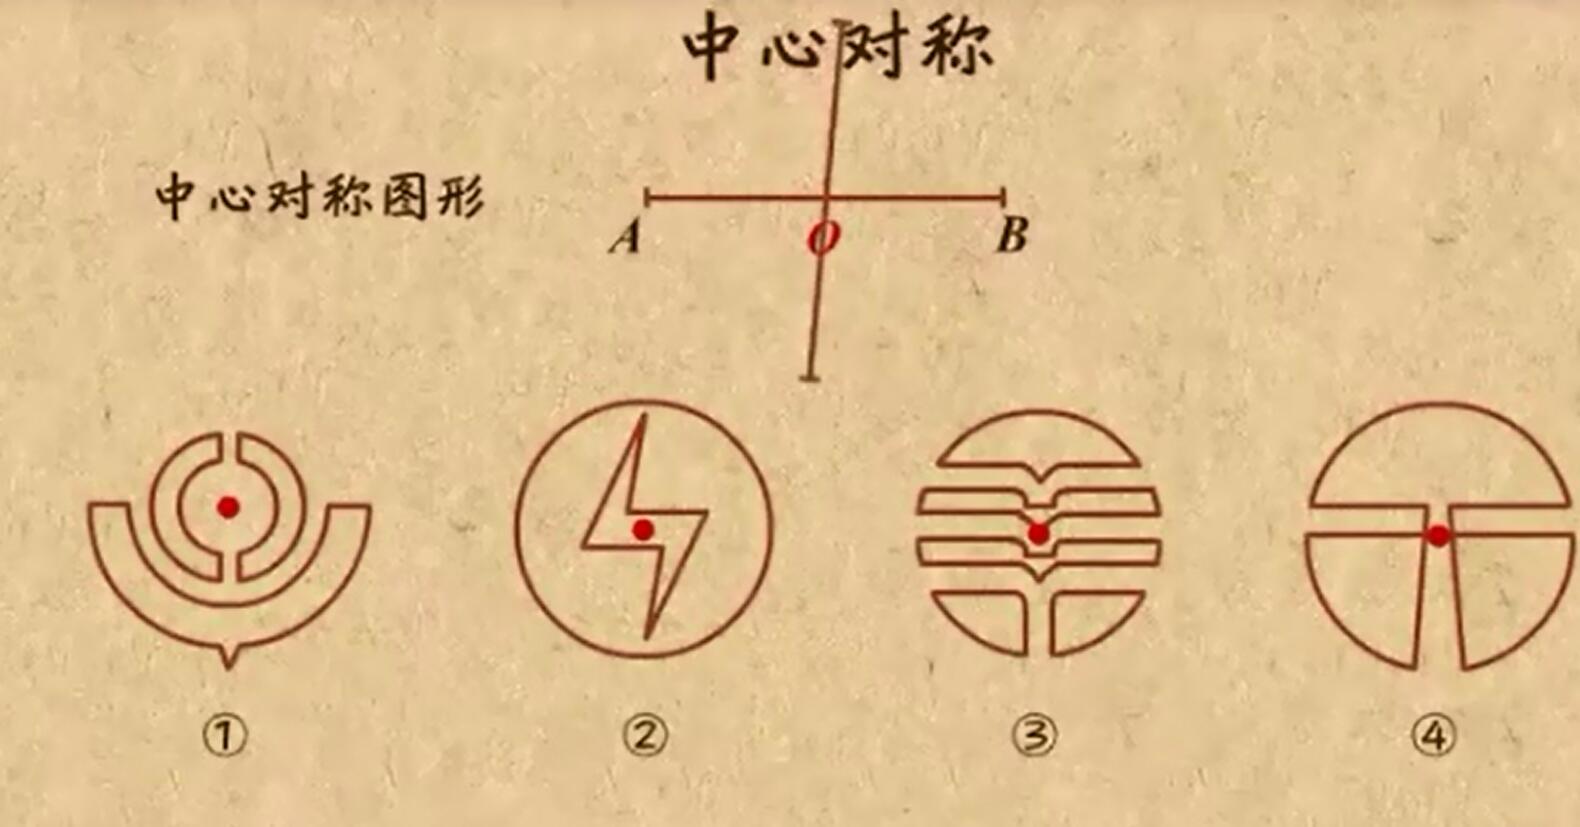 人教版 九年级数学上册 第23章 第2节 中心对称图形-视频微课堂